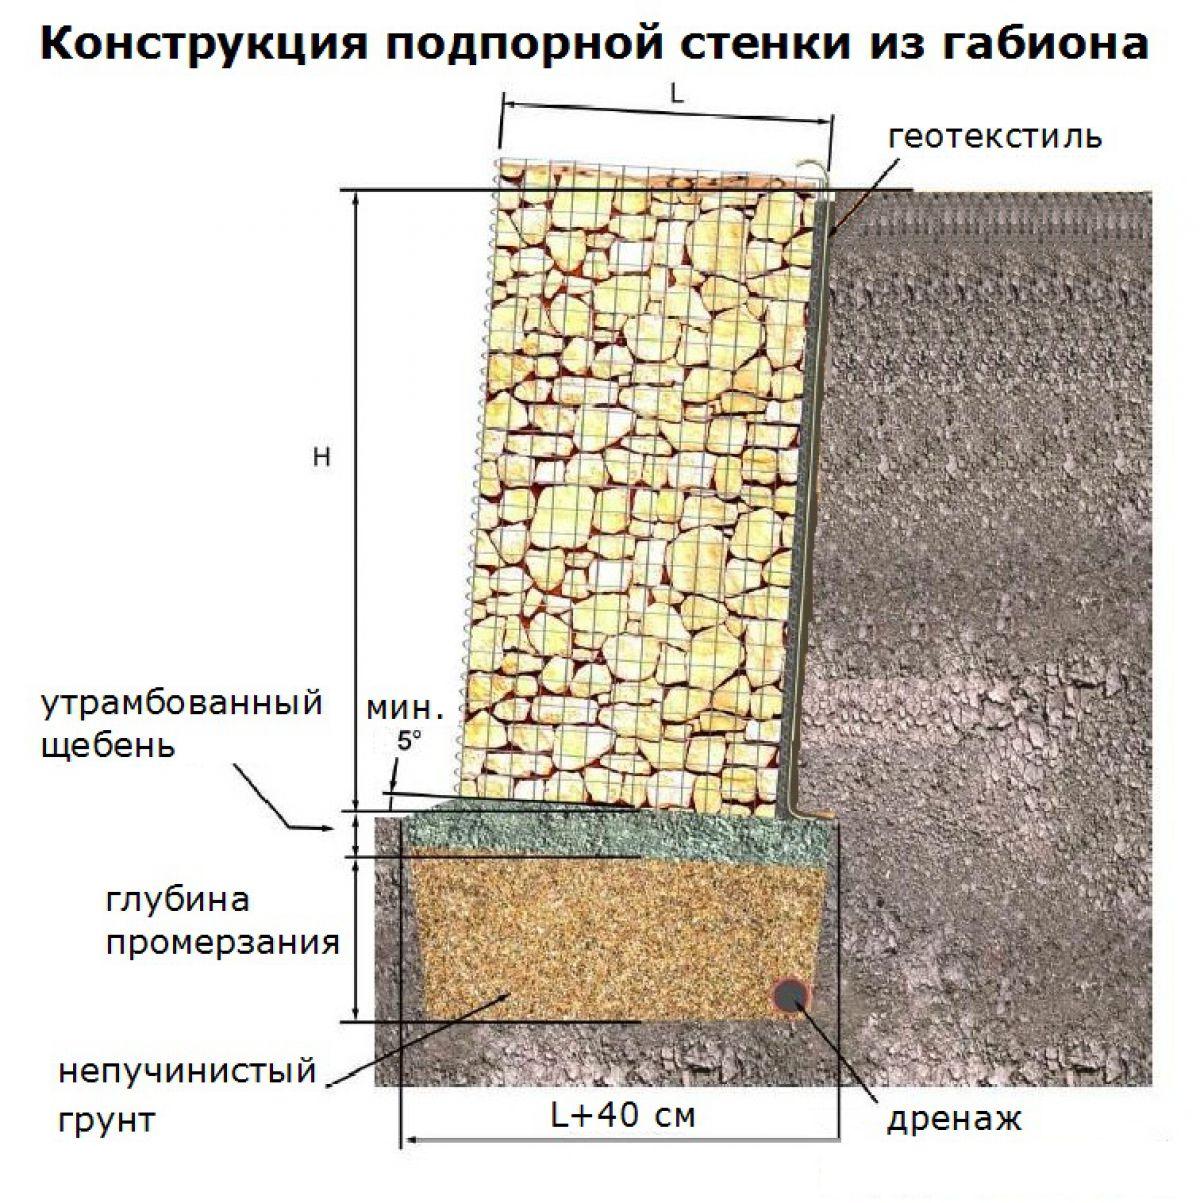 Подпорная стенка для участка с крутым рельефом. Виды подпорных стенок 2904